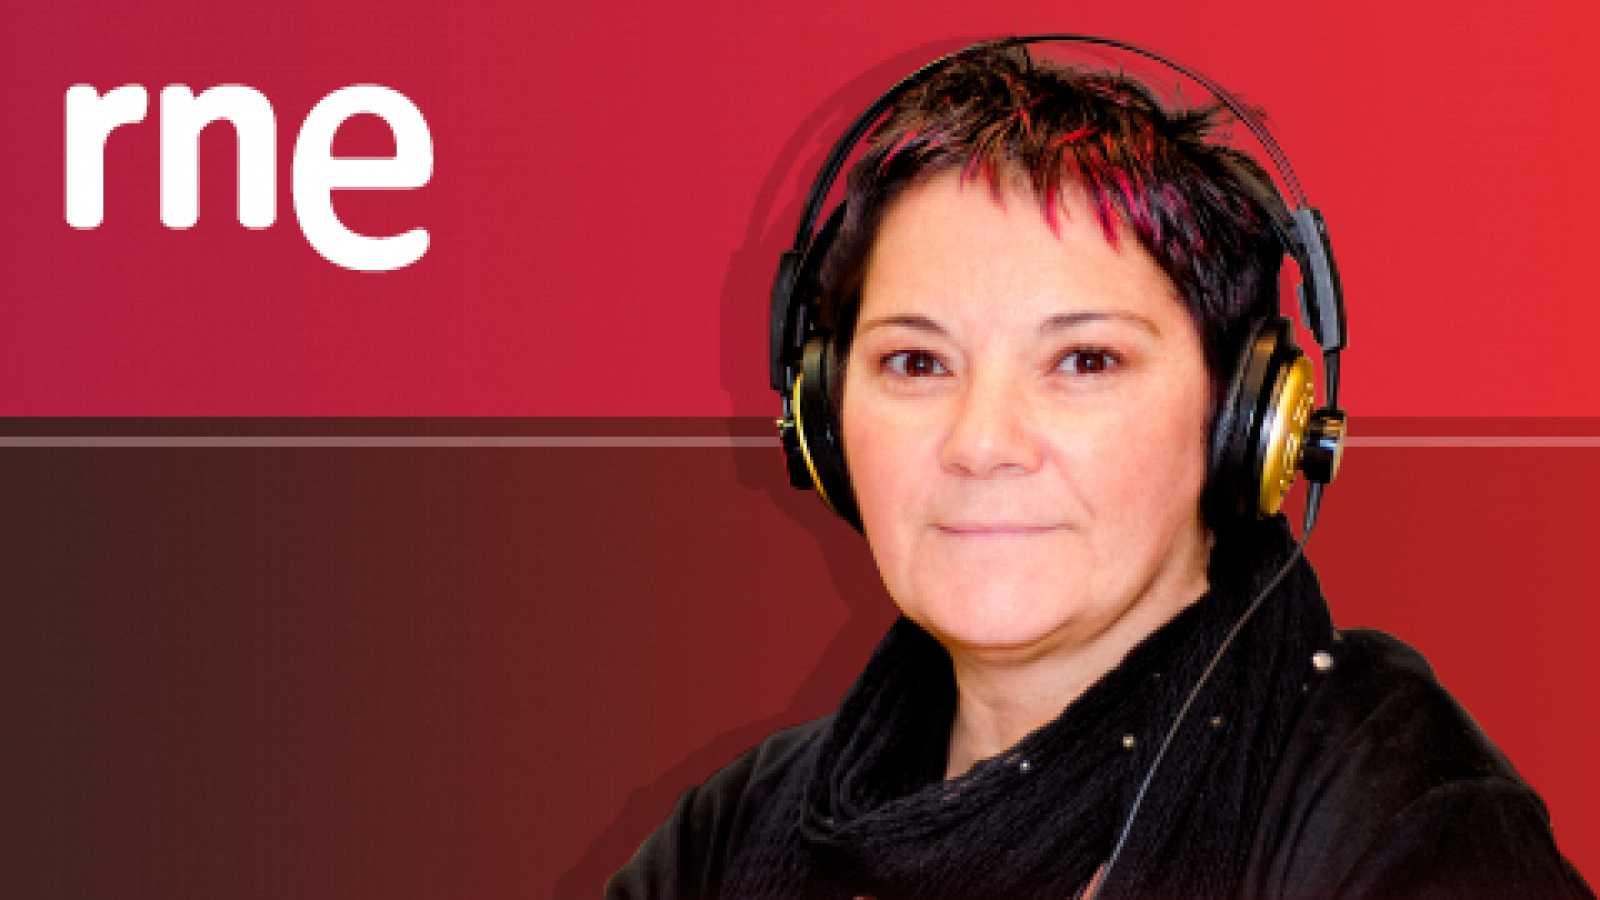 La noche en vela - Superdotados: ventajas y desventajas - 13/11/13 - Escuchar ahora